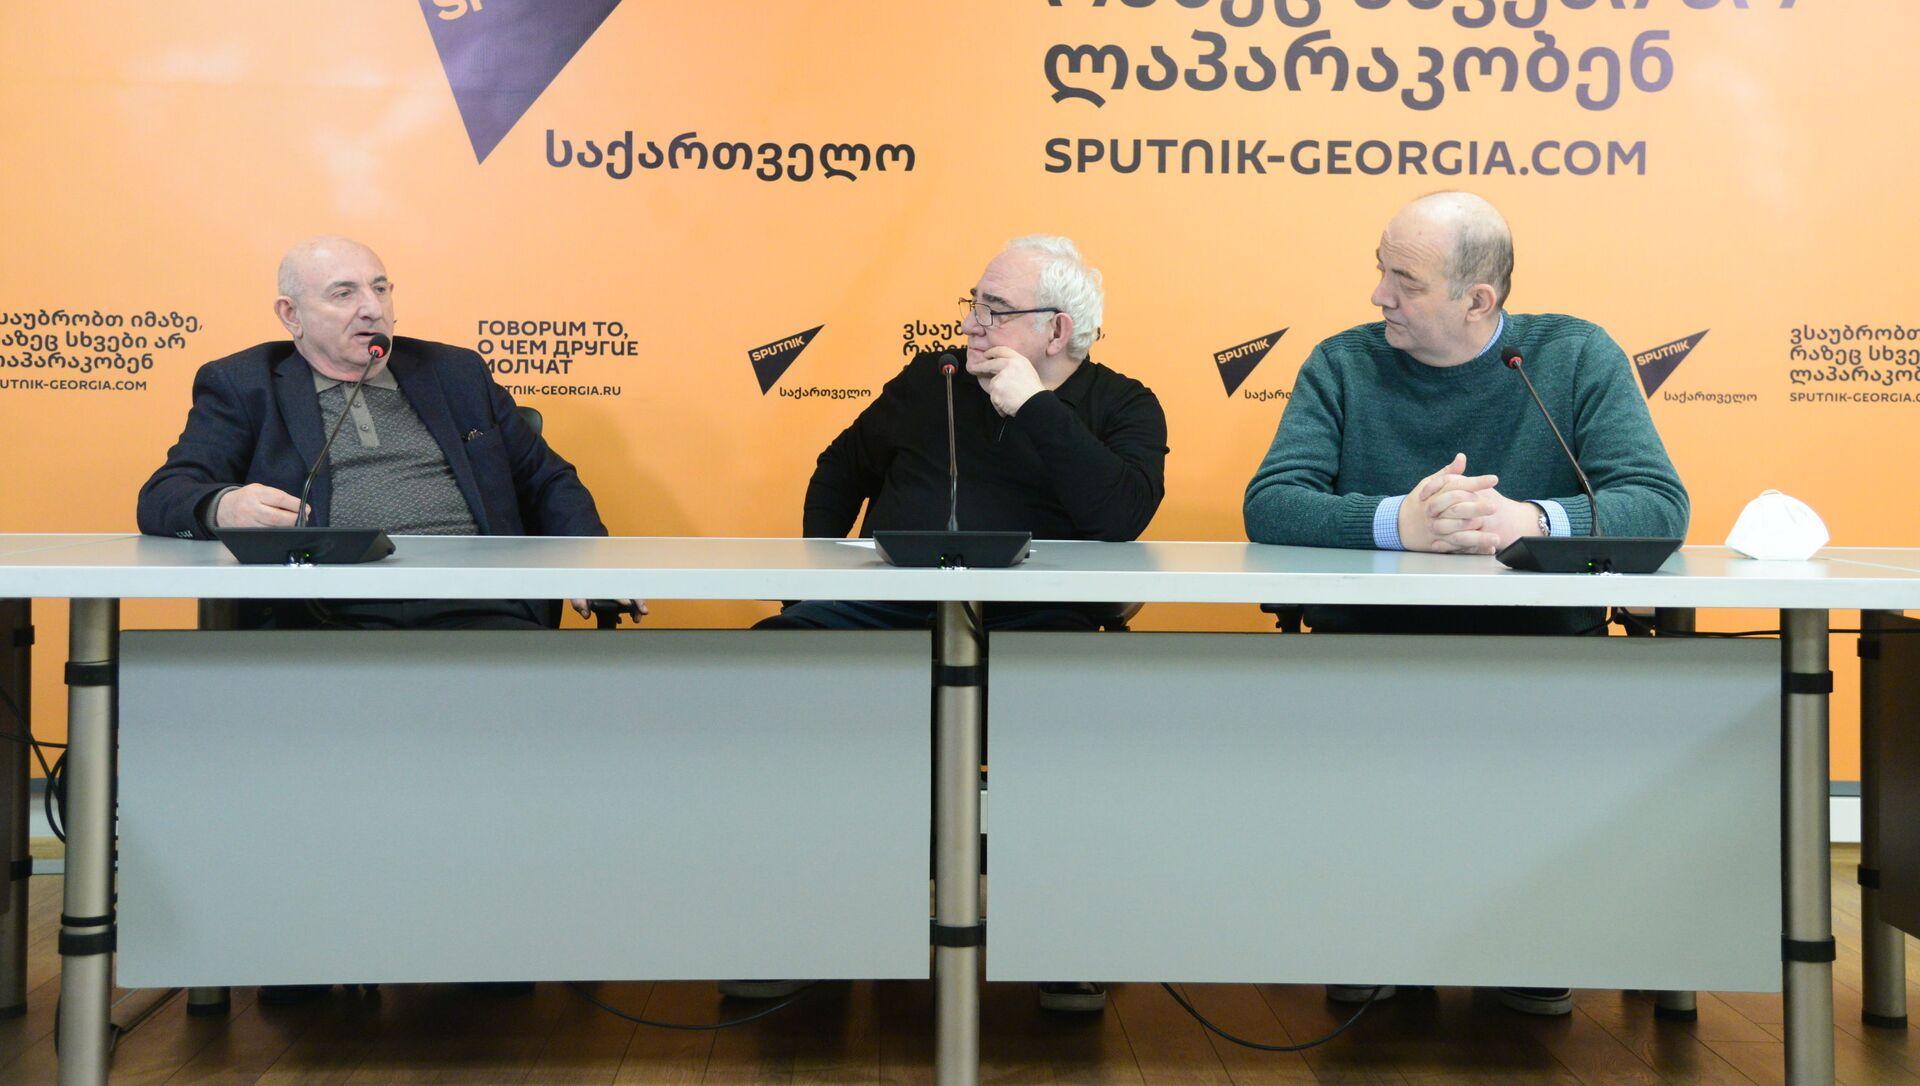 Пресс-конференция на тему: Правовая оценка политических процессов в Грузии   - Sputnik Грузия, 1920, 23.03.2021